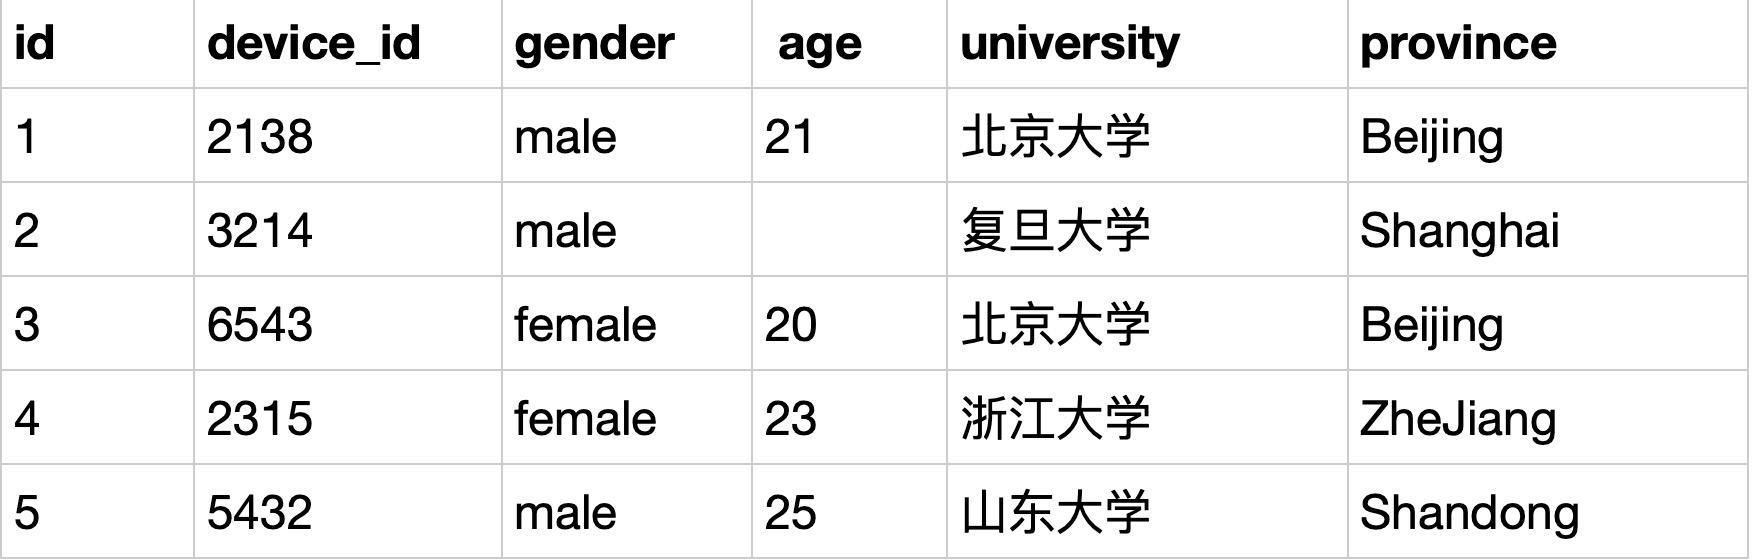 题目:作为区块链毕设学生网的数据分析师,现在运营需要查看用户来自于哪些学校,请从用户信息表中取出学校的去重数据。          示例:user_profile                根据示例,你的查询应返回以下结果: